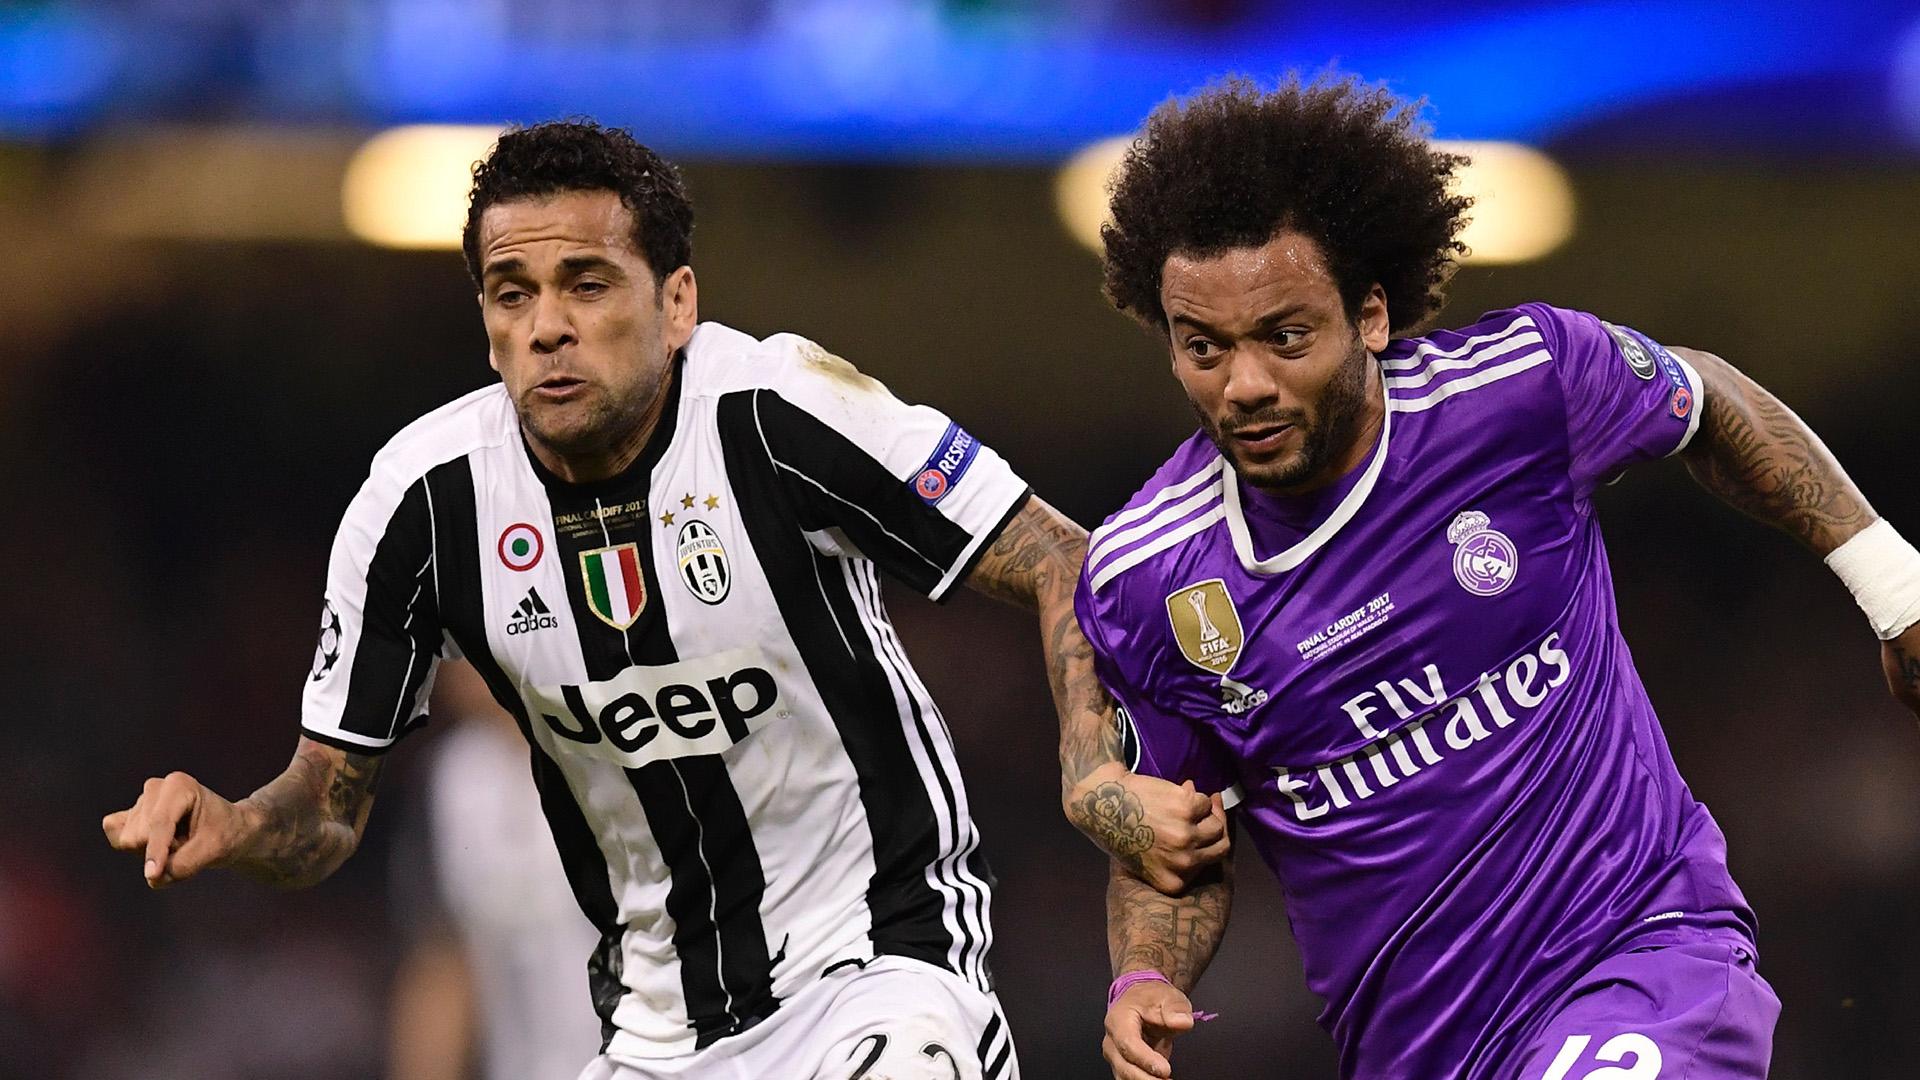 Dani Alves consiglia Dybala: Per migliorare vai via dalla Juve